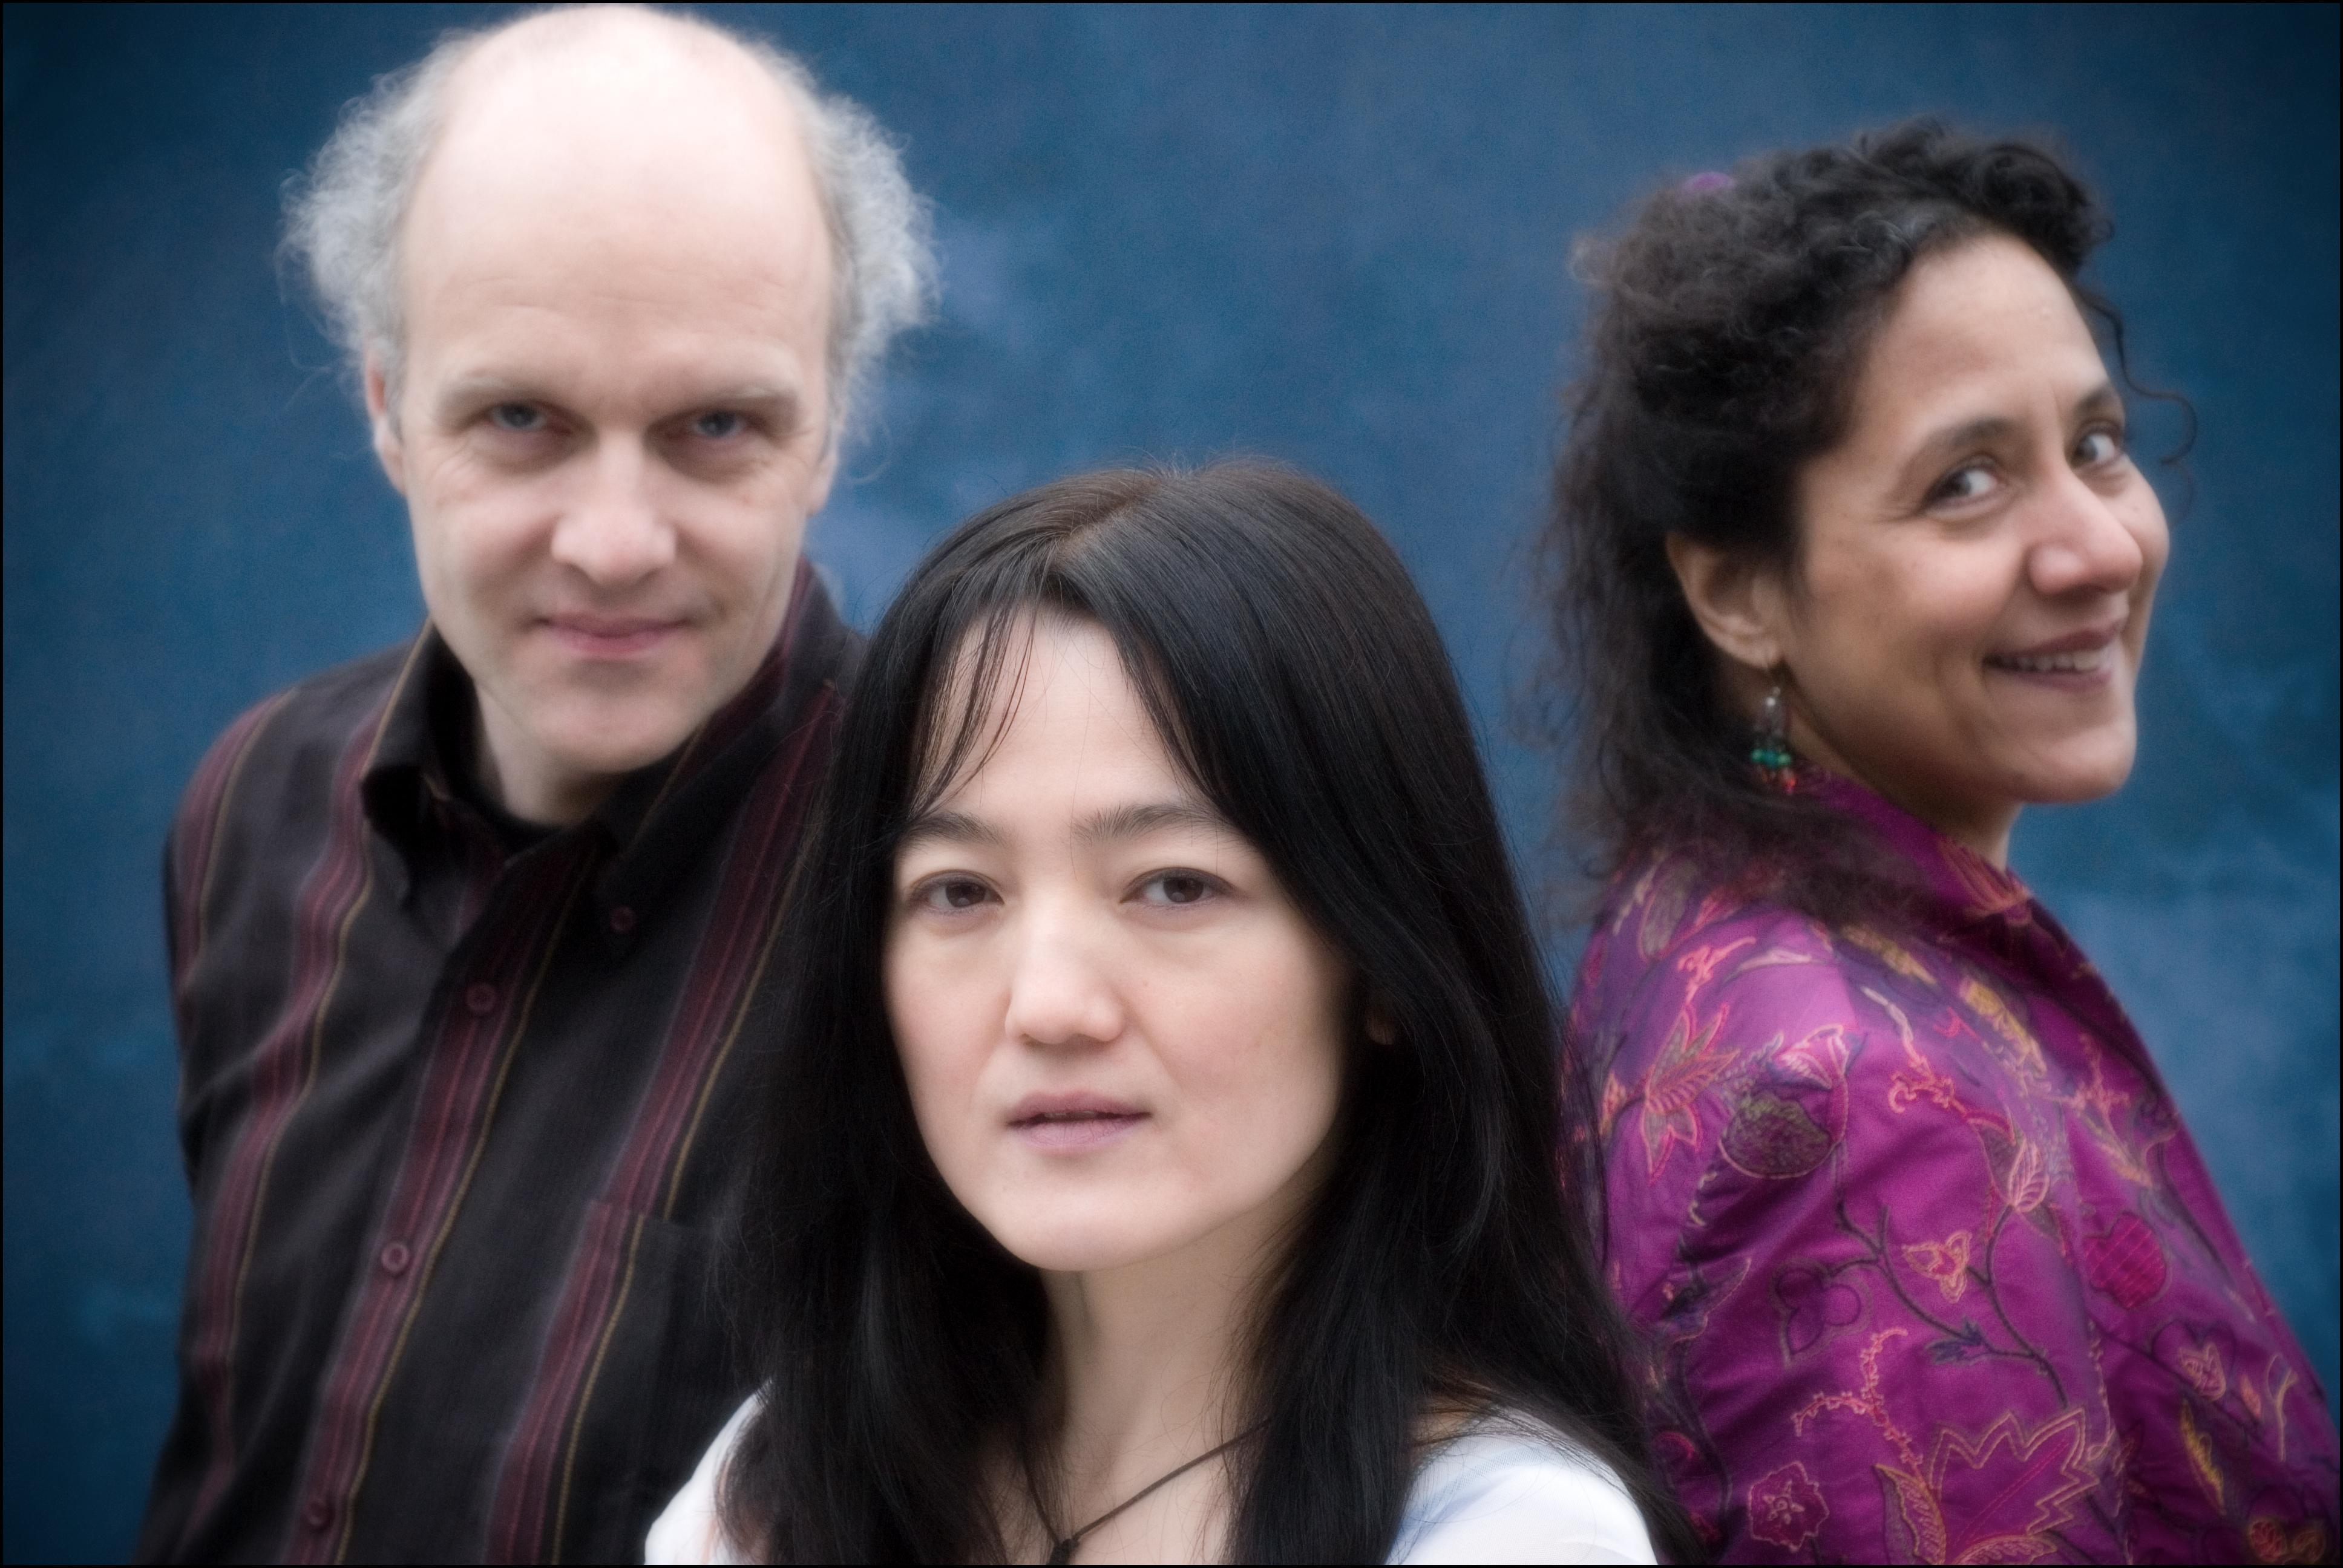 Makiko Hirabayashi Trio by Nicola Fasano